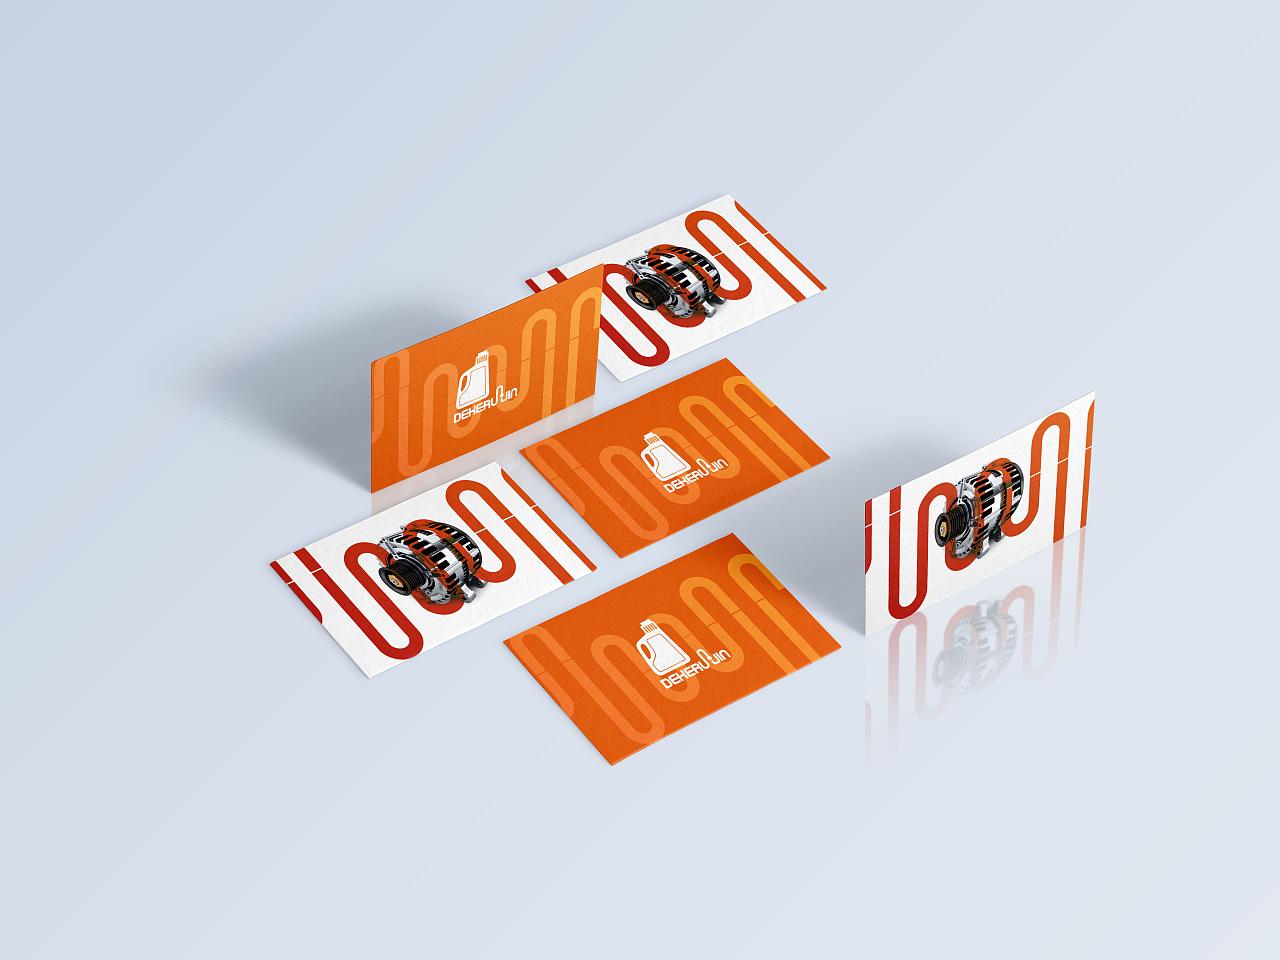 润滑油logo